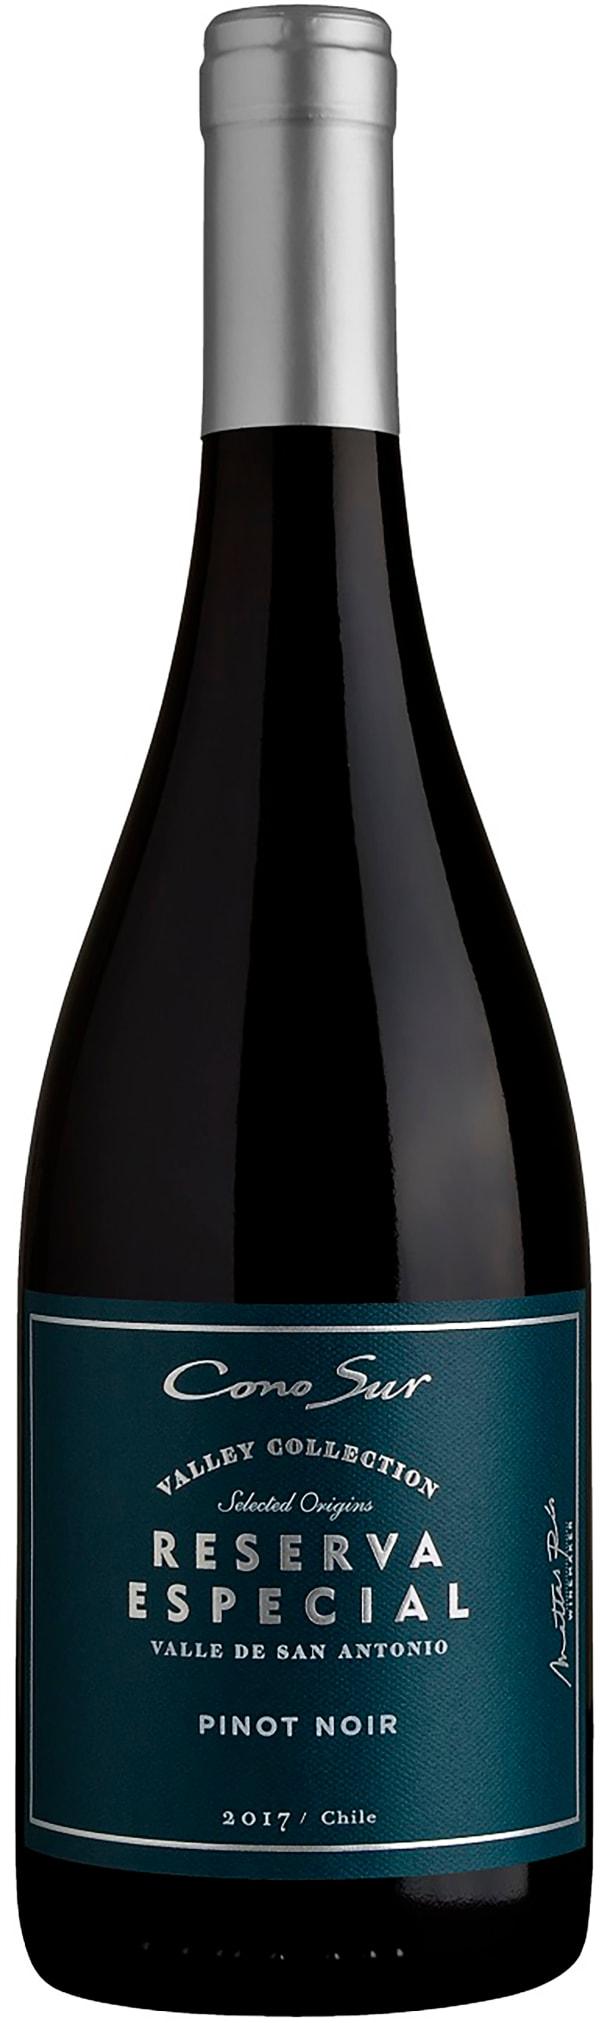 Cono Sur Reserva Especial Pinot Noir 2017